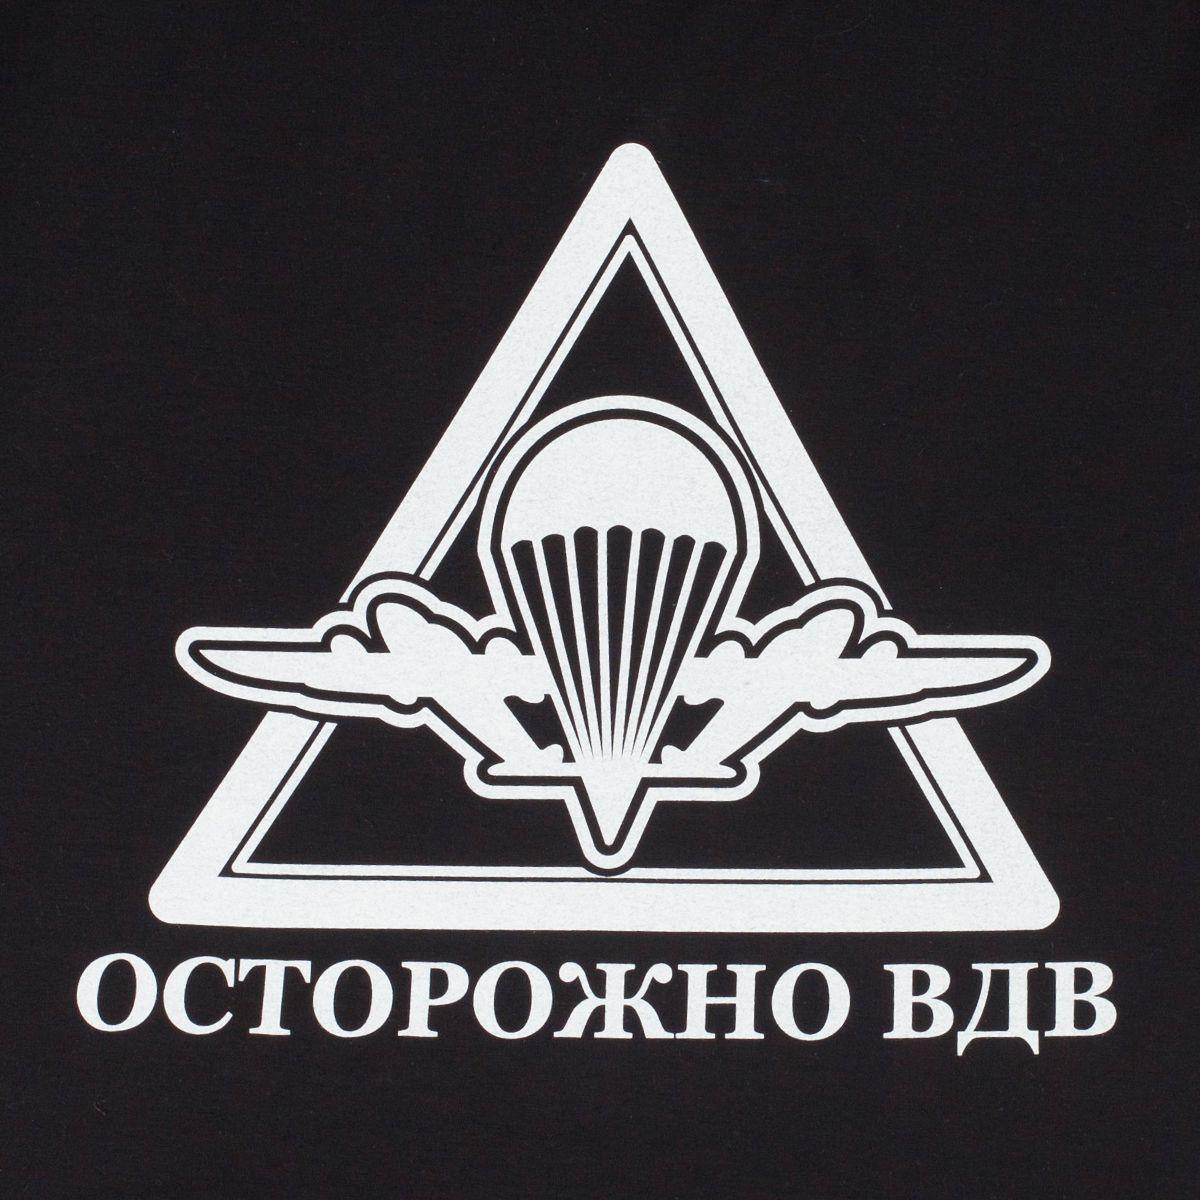 Спереди футболки ВДВ - белая эмблема ВДВ с надписью «Осторожно ВДВ»